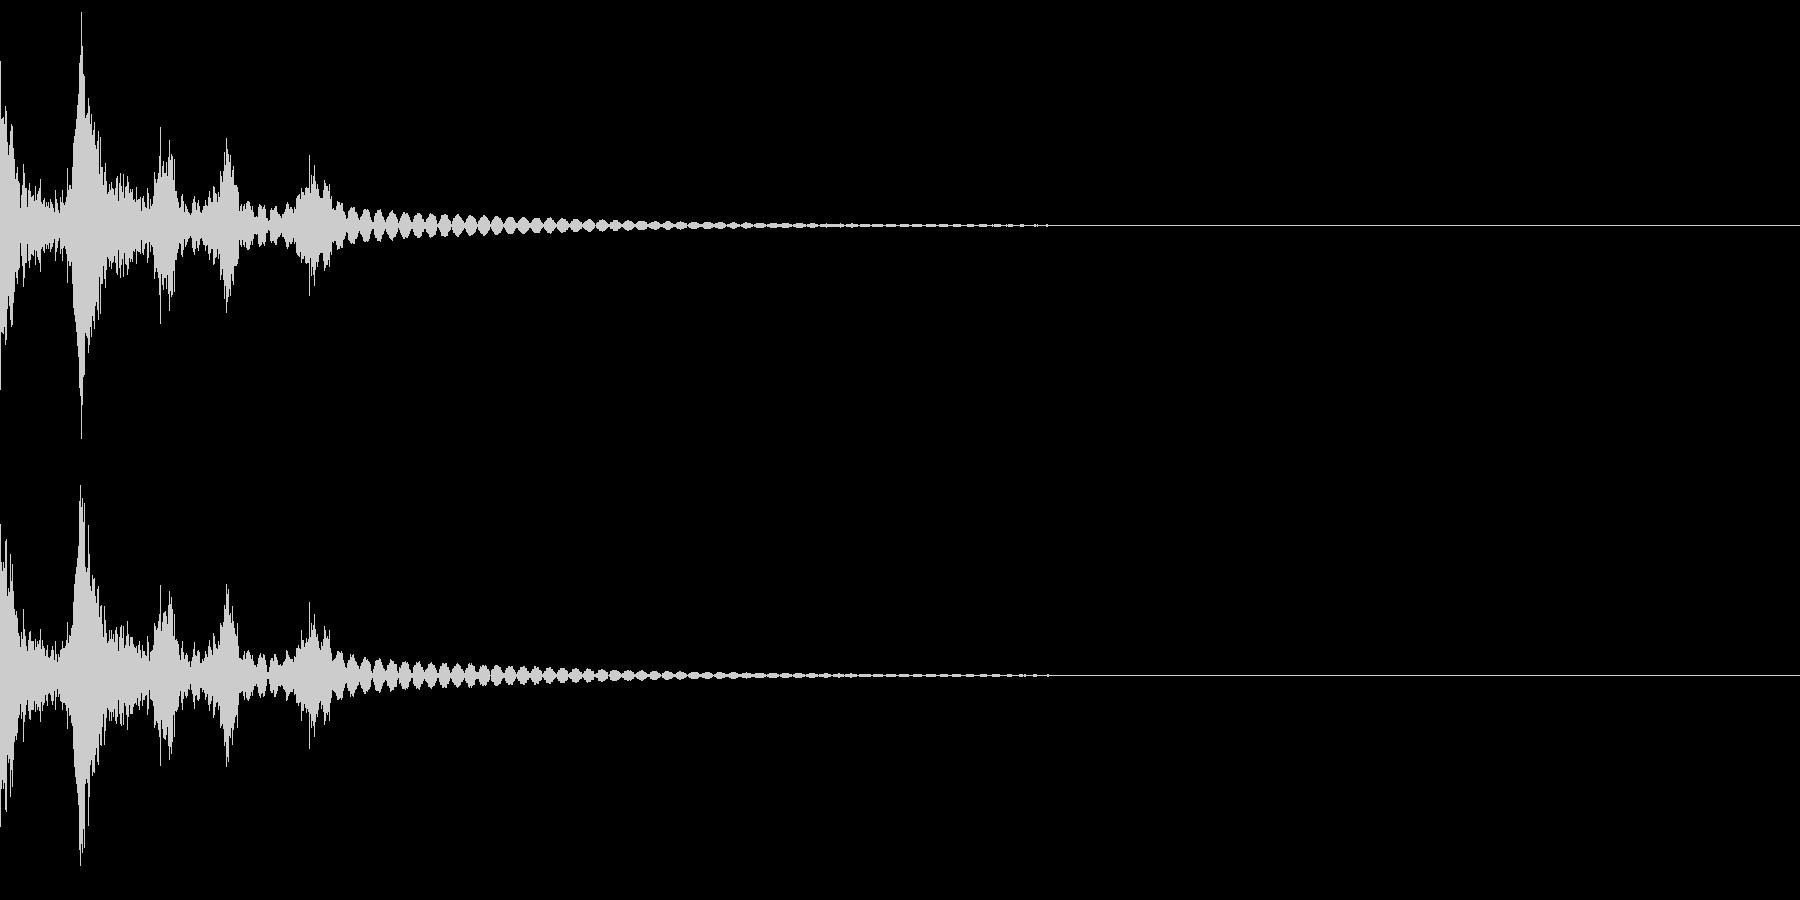 デスクトップのゴミ箱に捨てる音(ガサッ)の未再生の波形